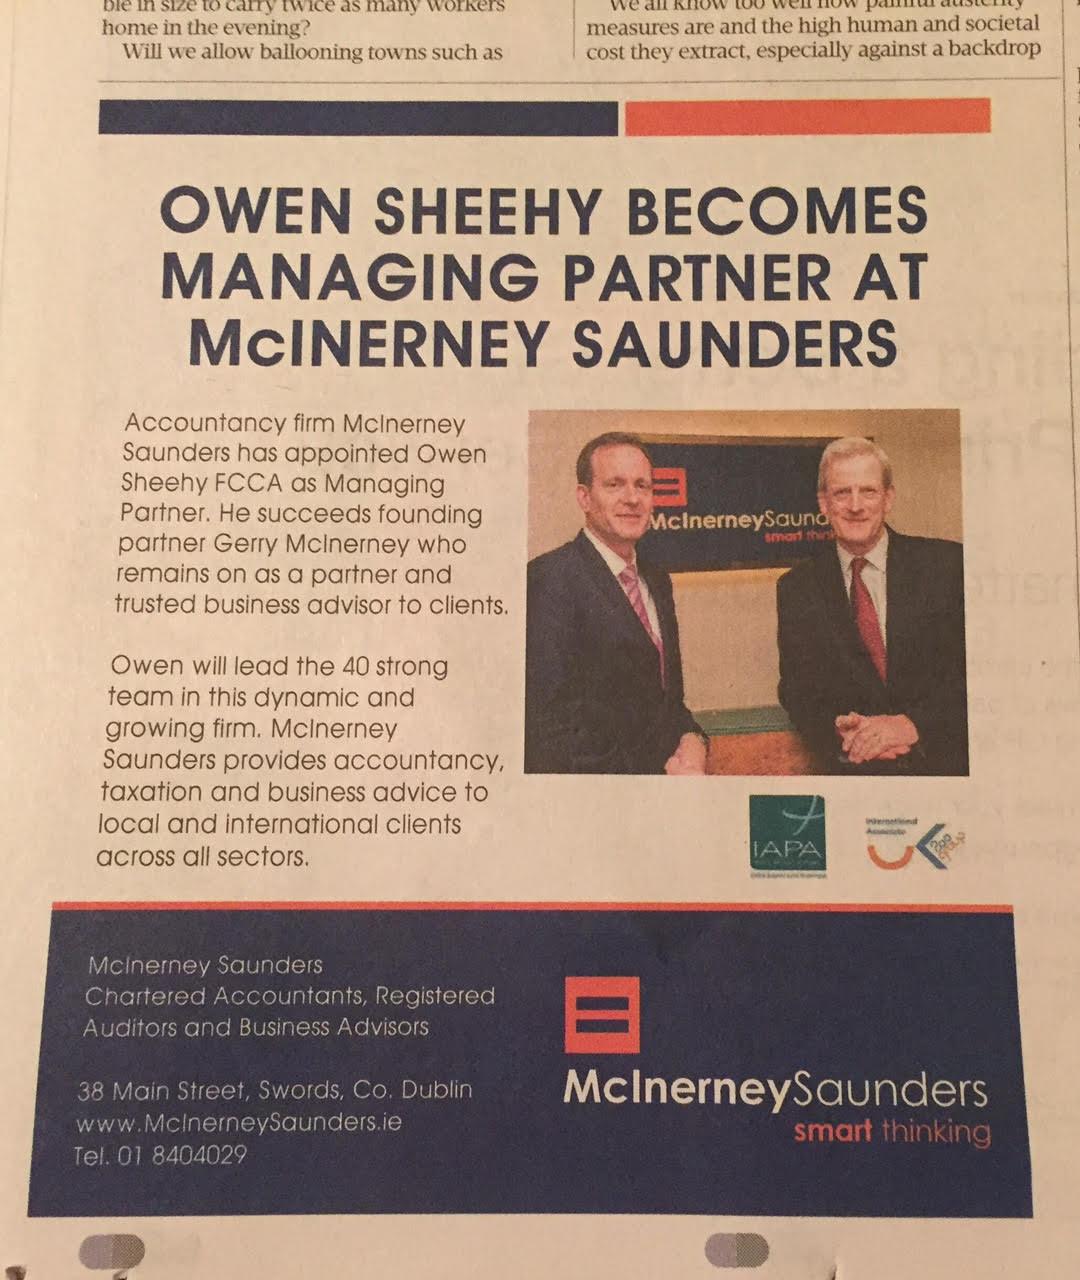 McInerney Saunders